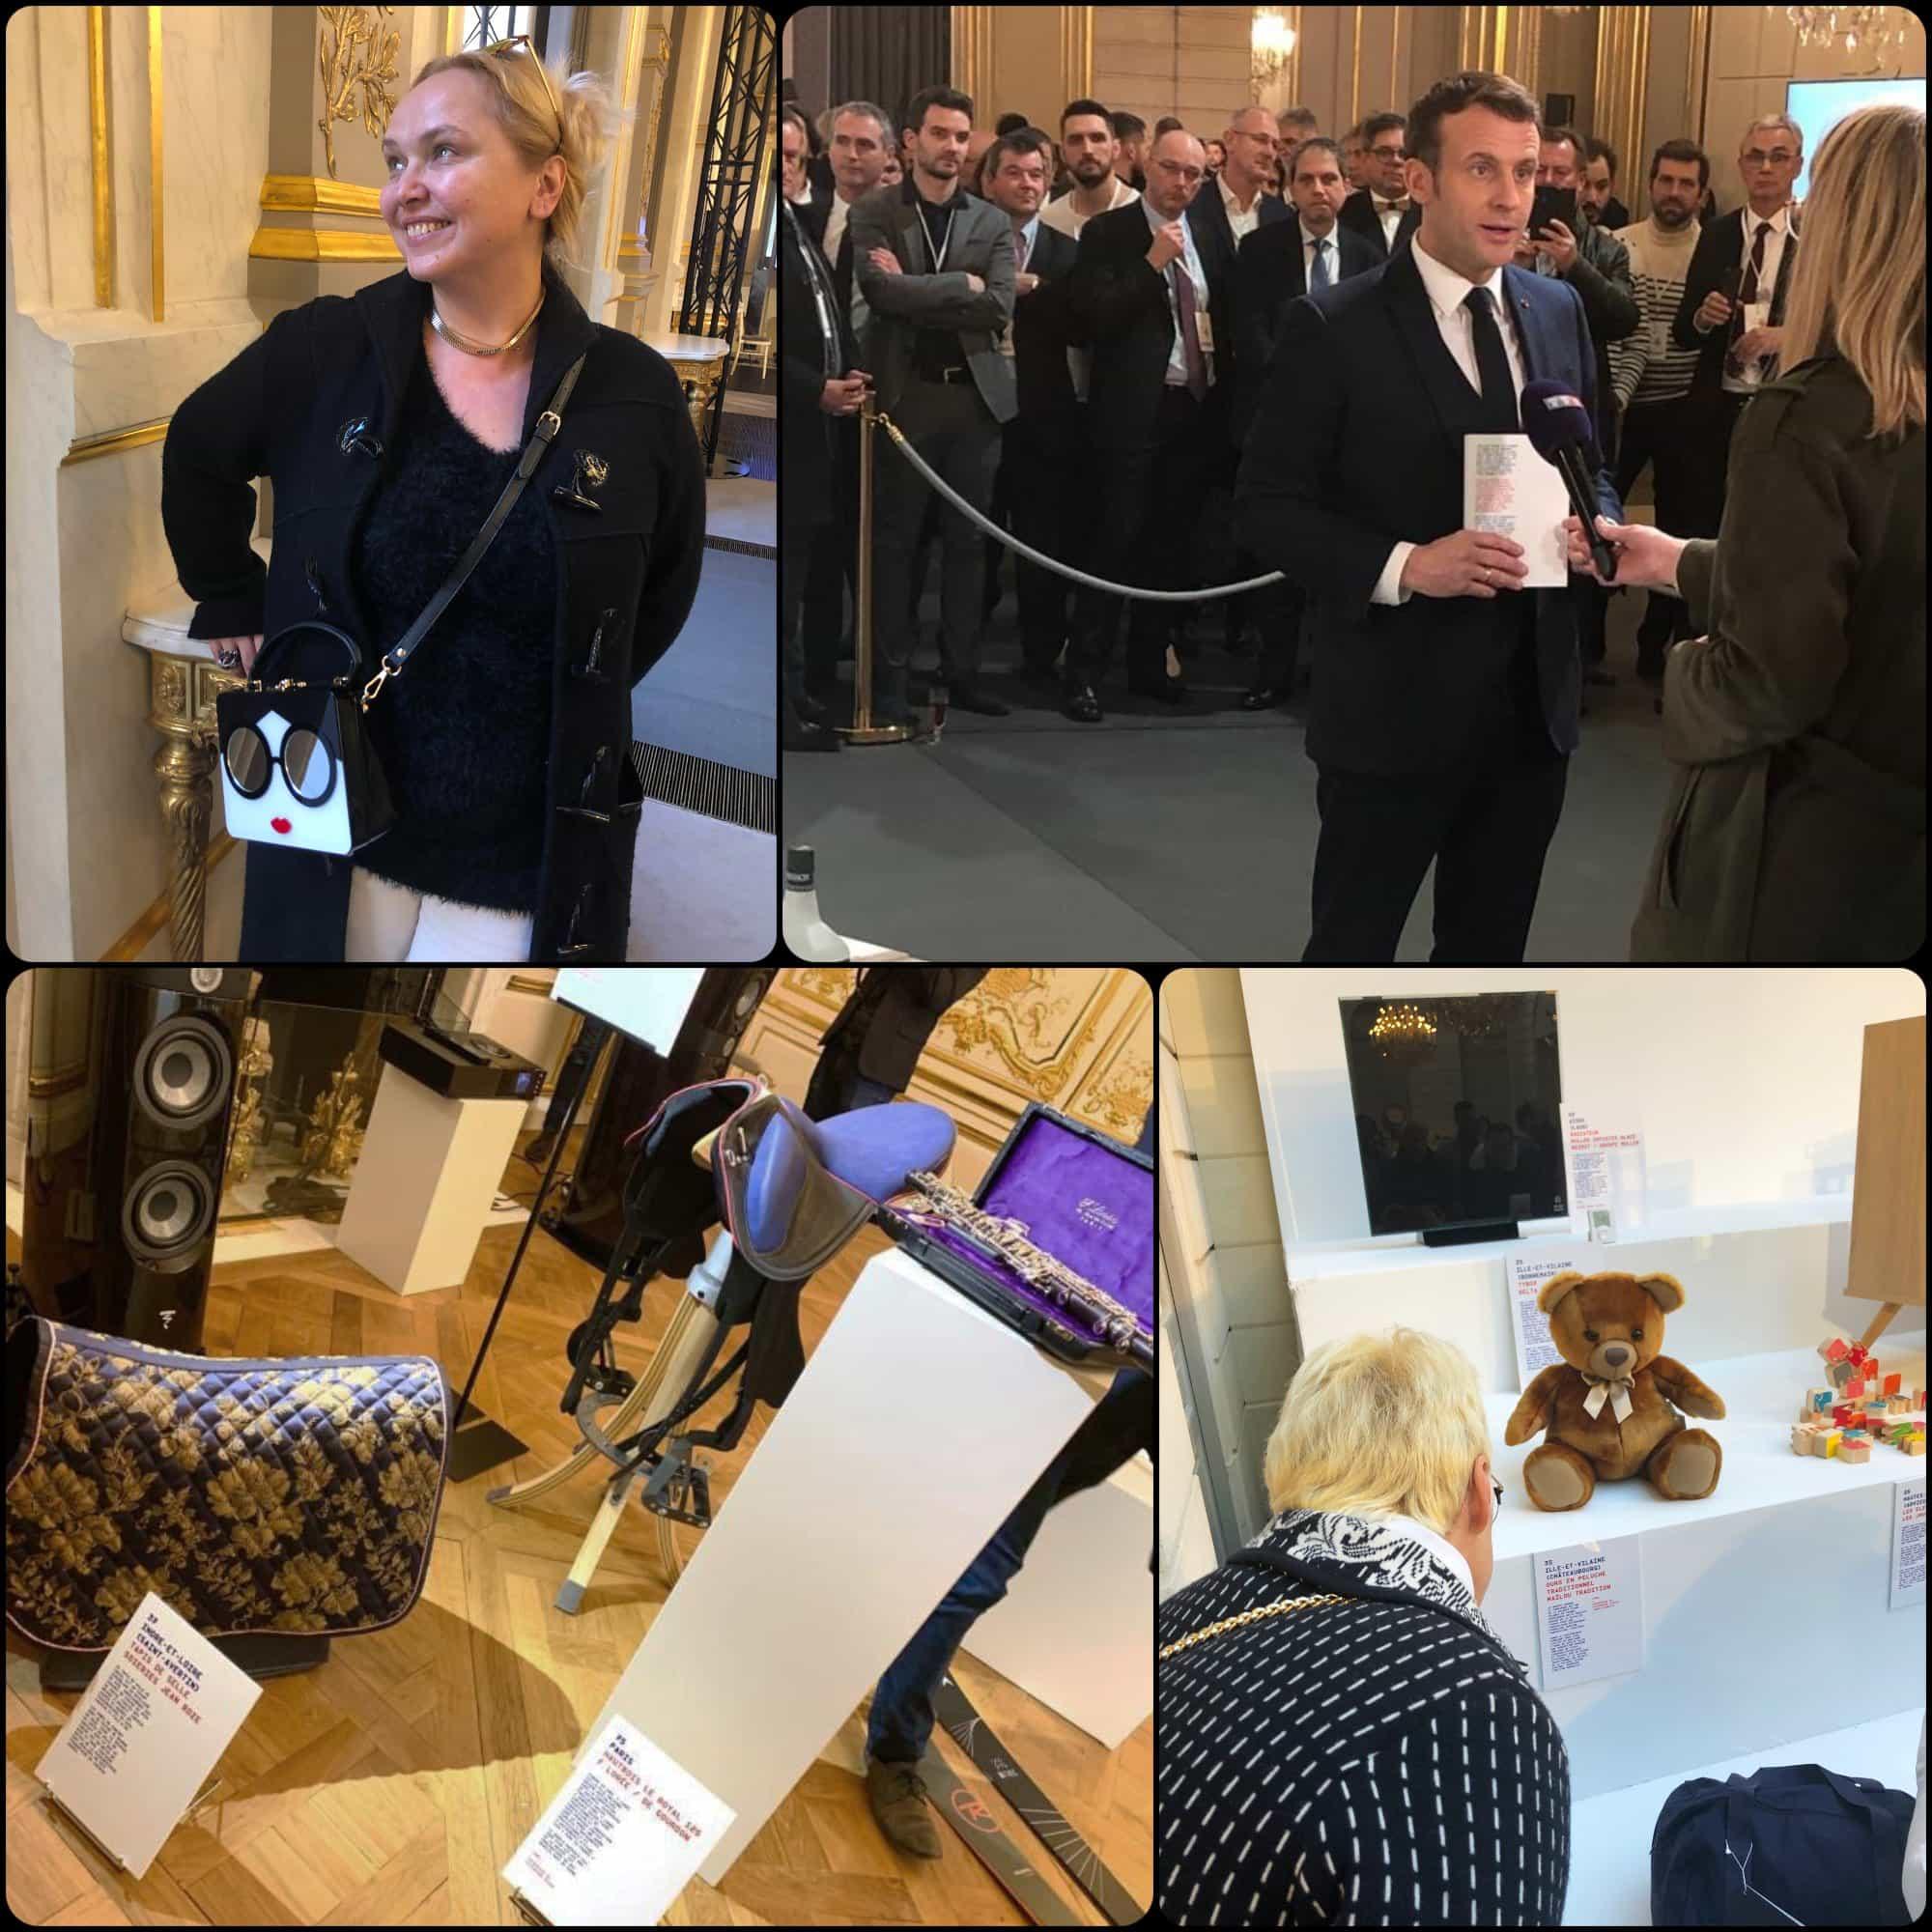 Emmanuel Macron opens Grand Exhibition at Elysée. Eleonora de Gray and Guillaumette Duplaix - RUNWAY MAGAZINE. Fabriqué en France à Présidence de la République par RUNWAY MAGAZINE